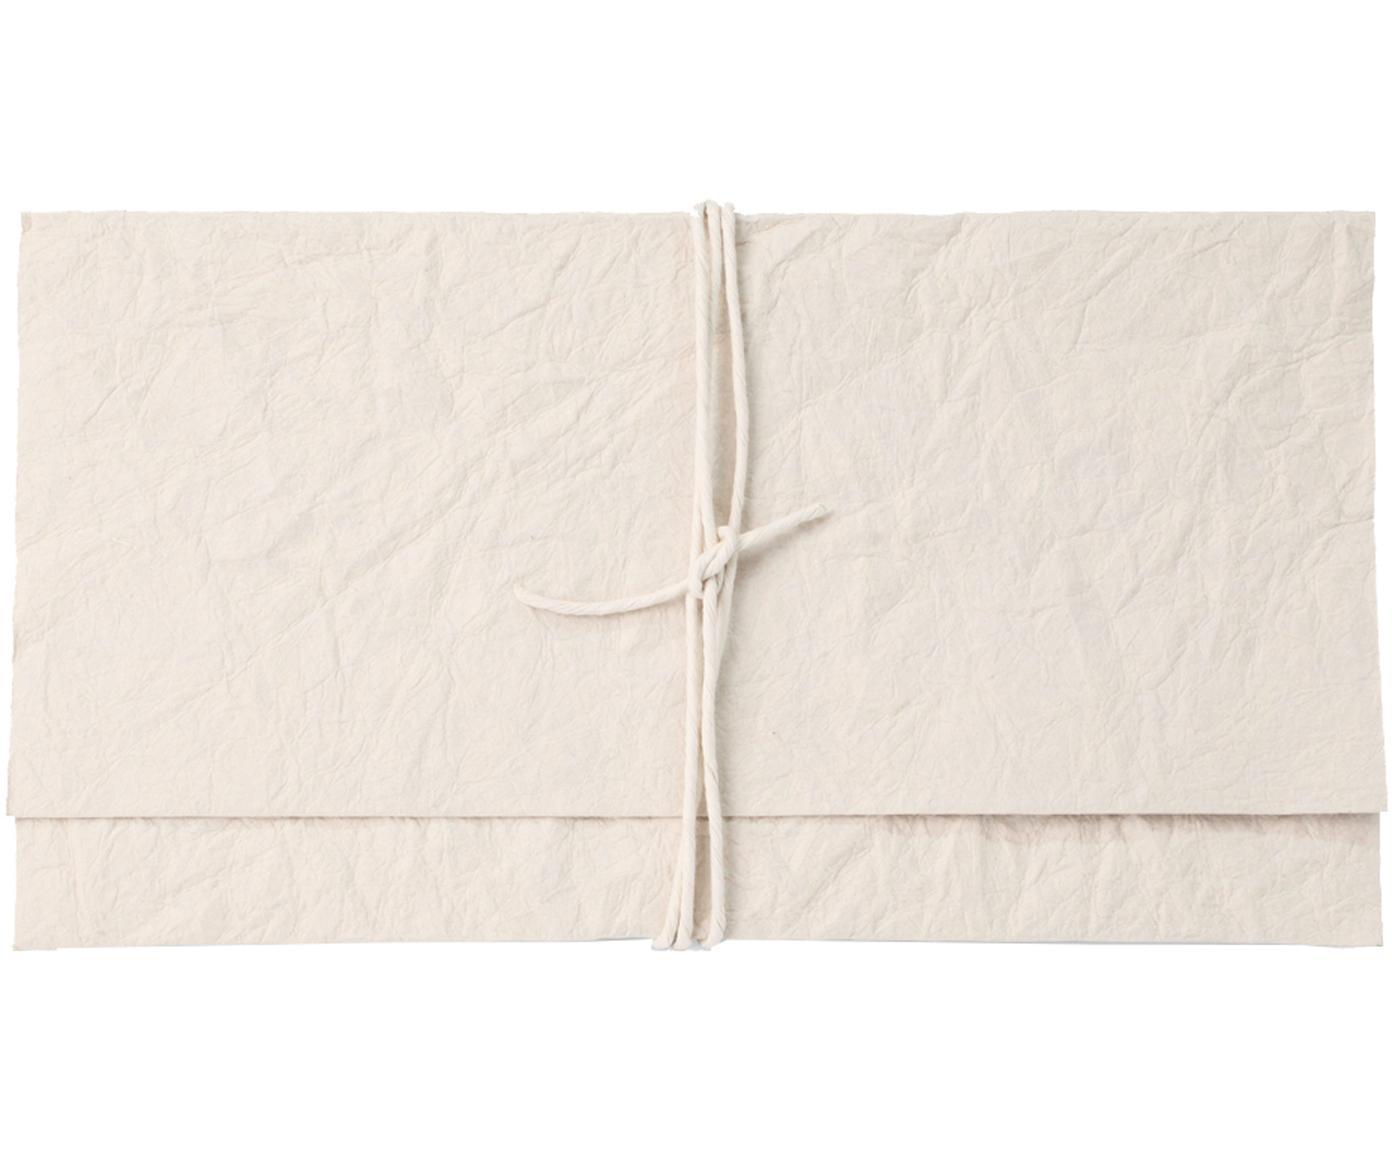 Umschlag Soft, Papier, Cremefarben, 27 x 15 cm